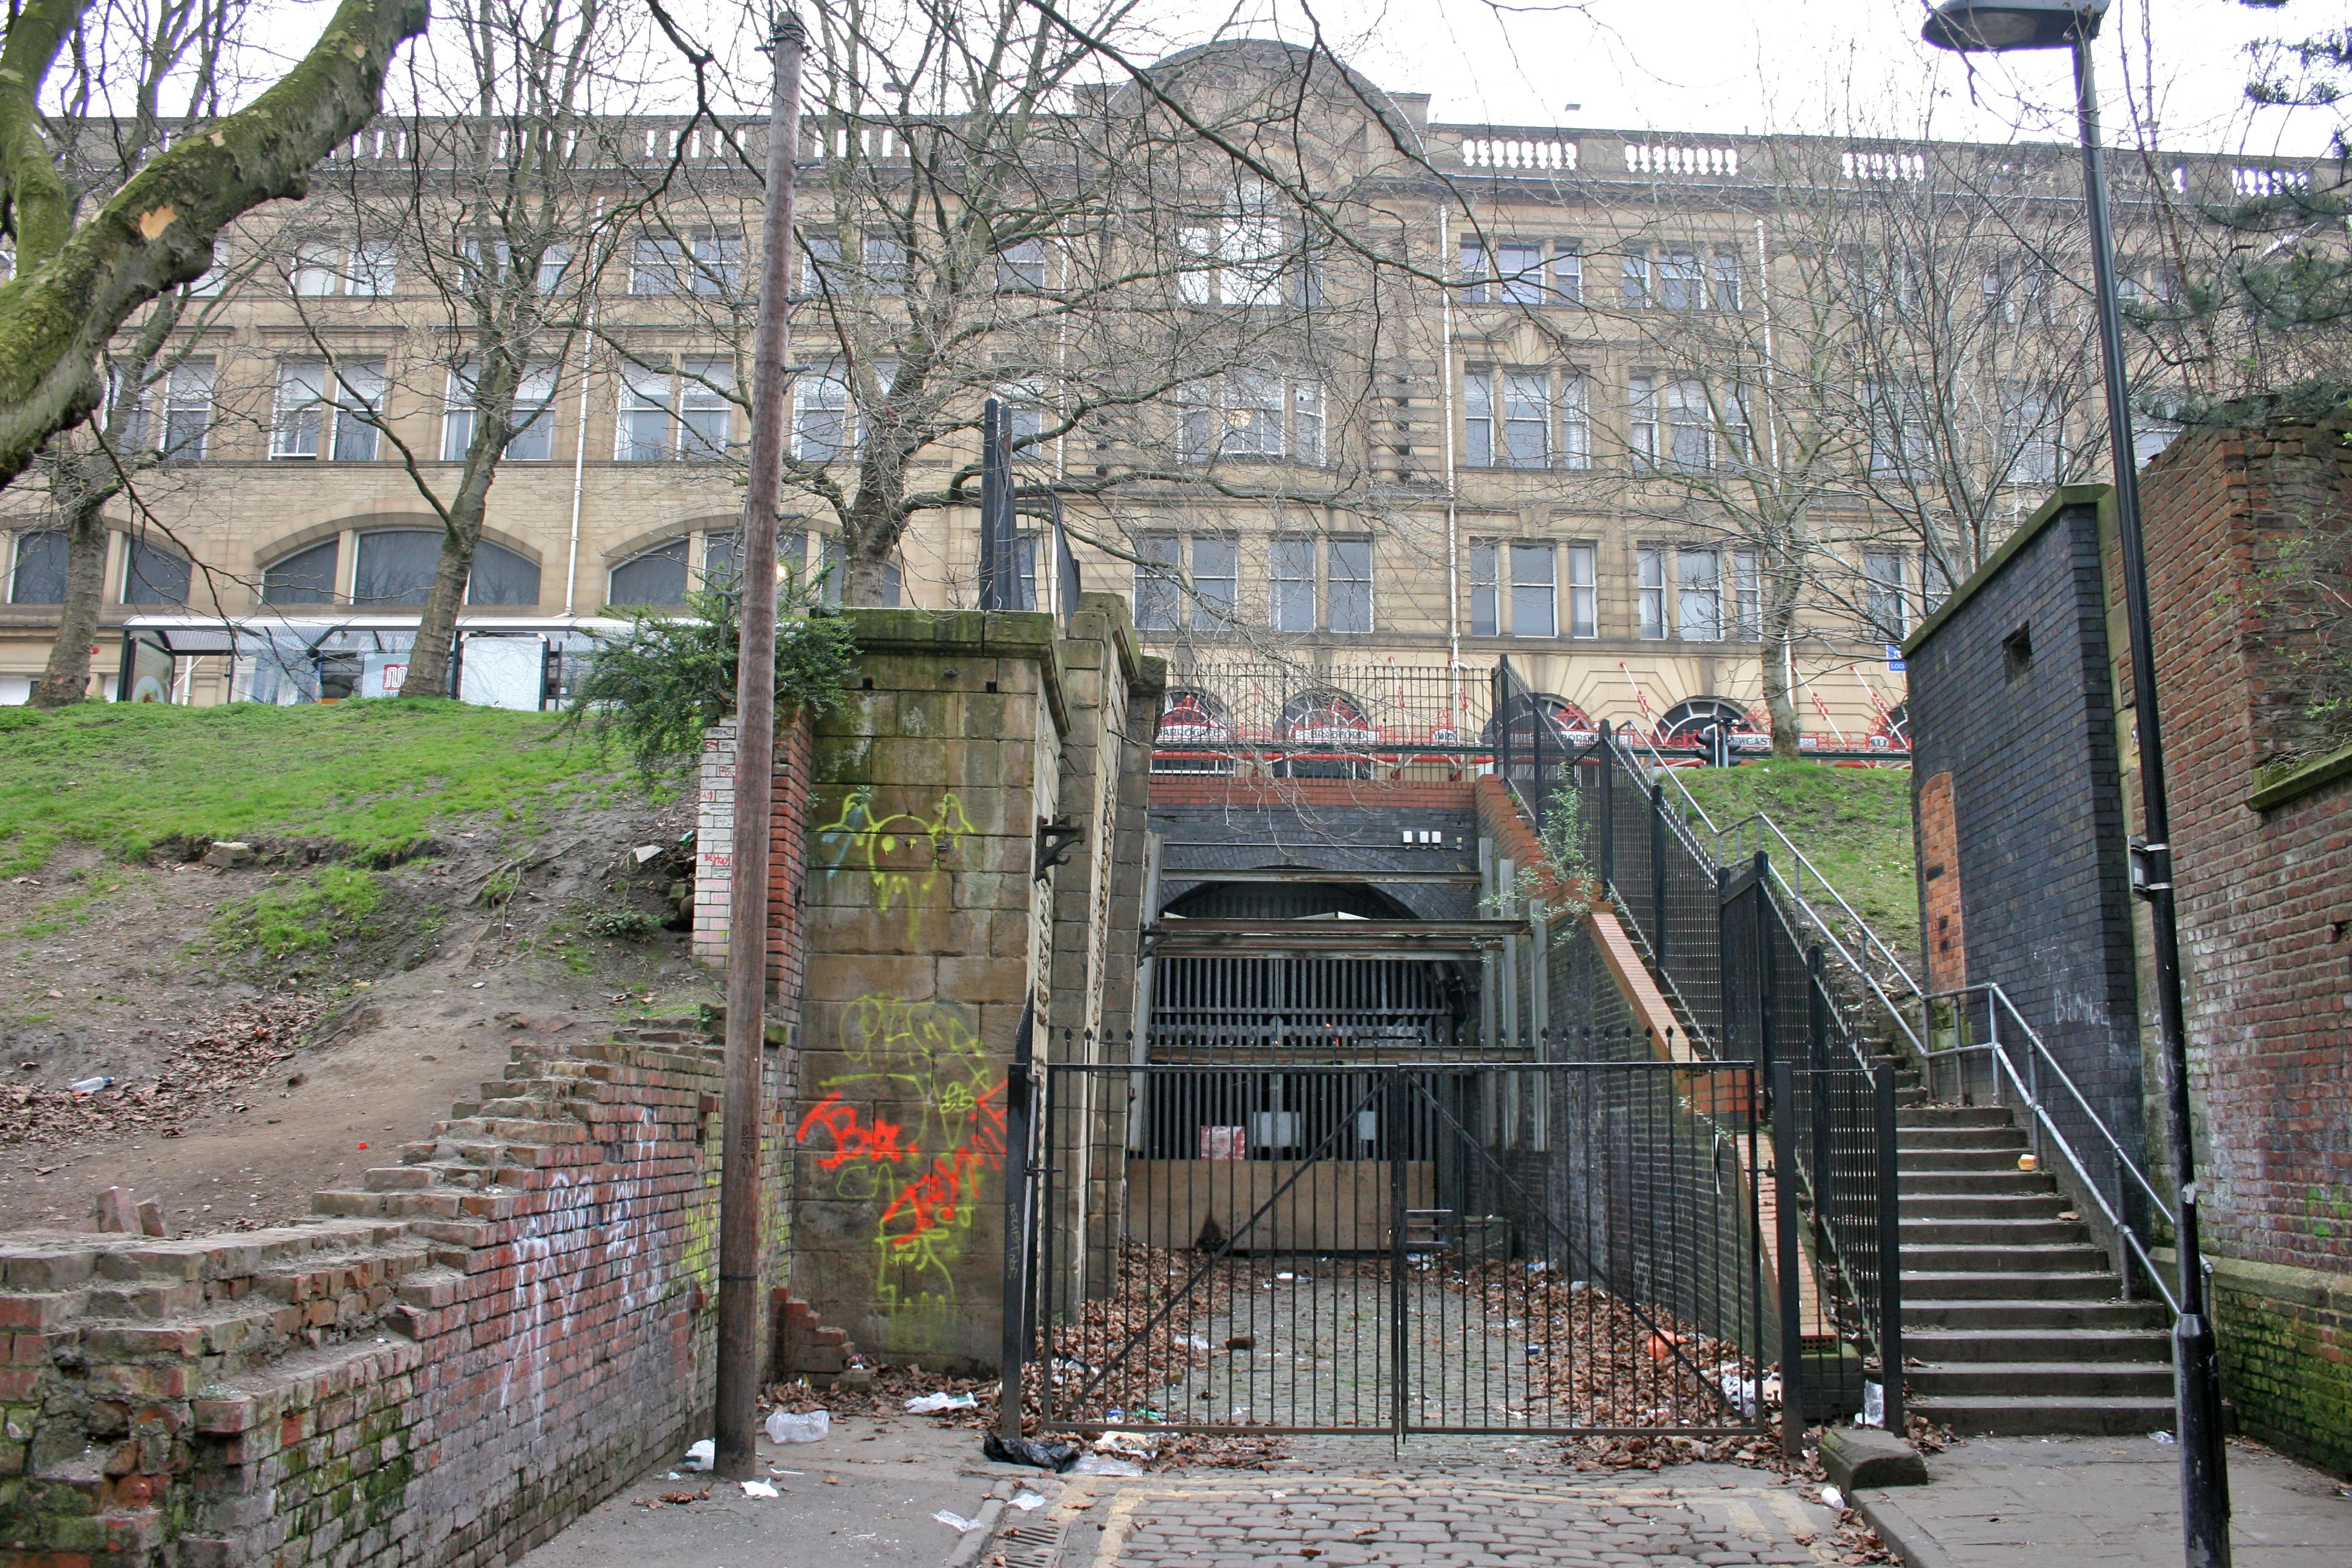 File:Manchester Victoria Station underground approach 2.jpg ...